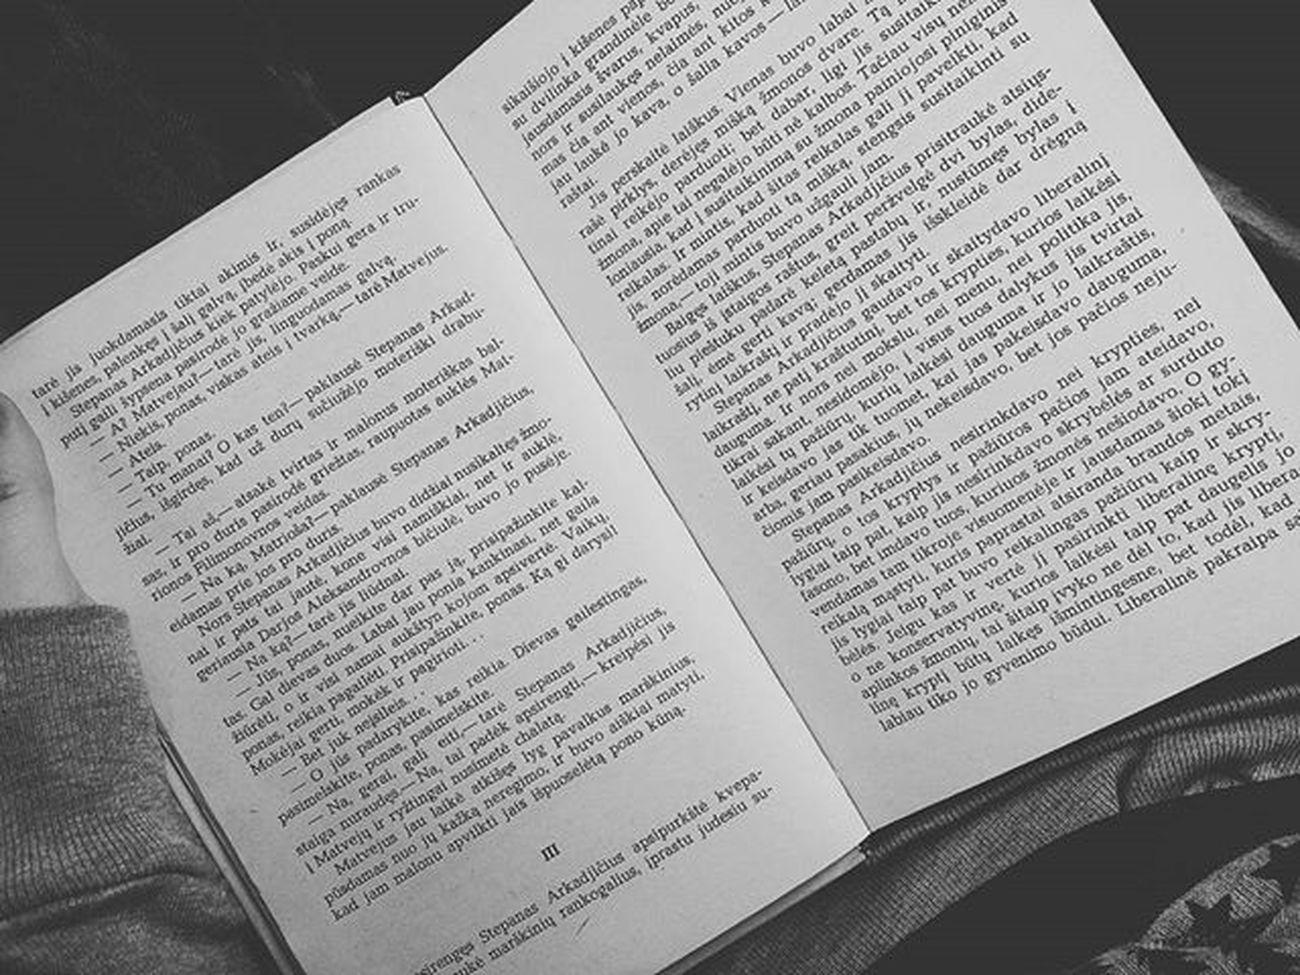 📖 Knyga Skaitymas 2016 Book Anakarenina Lithuania